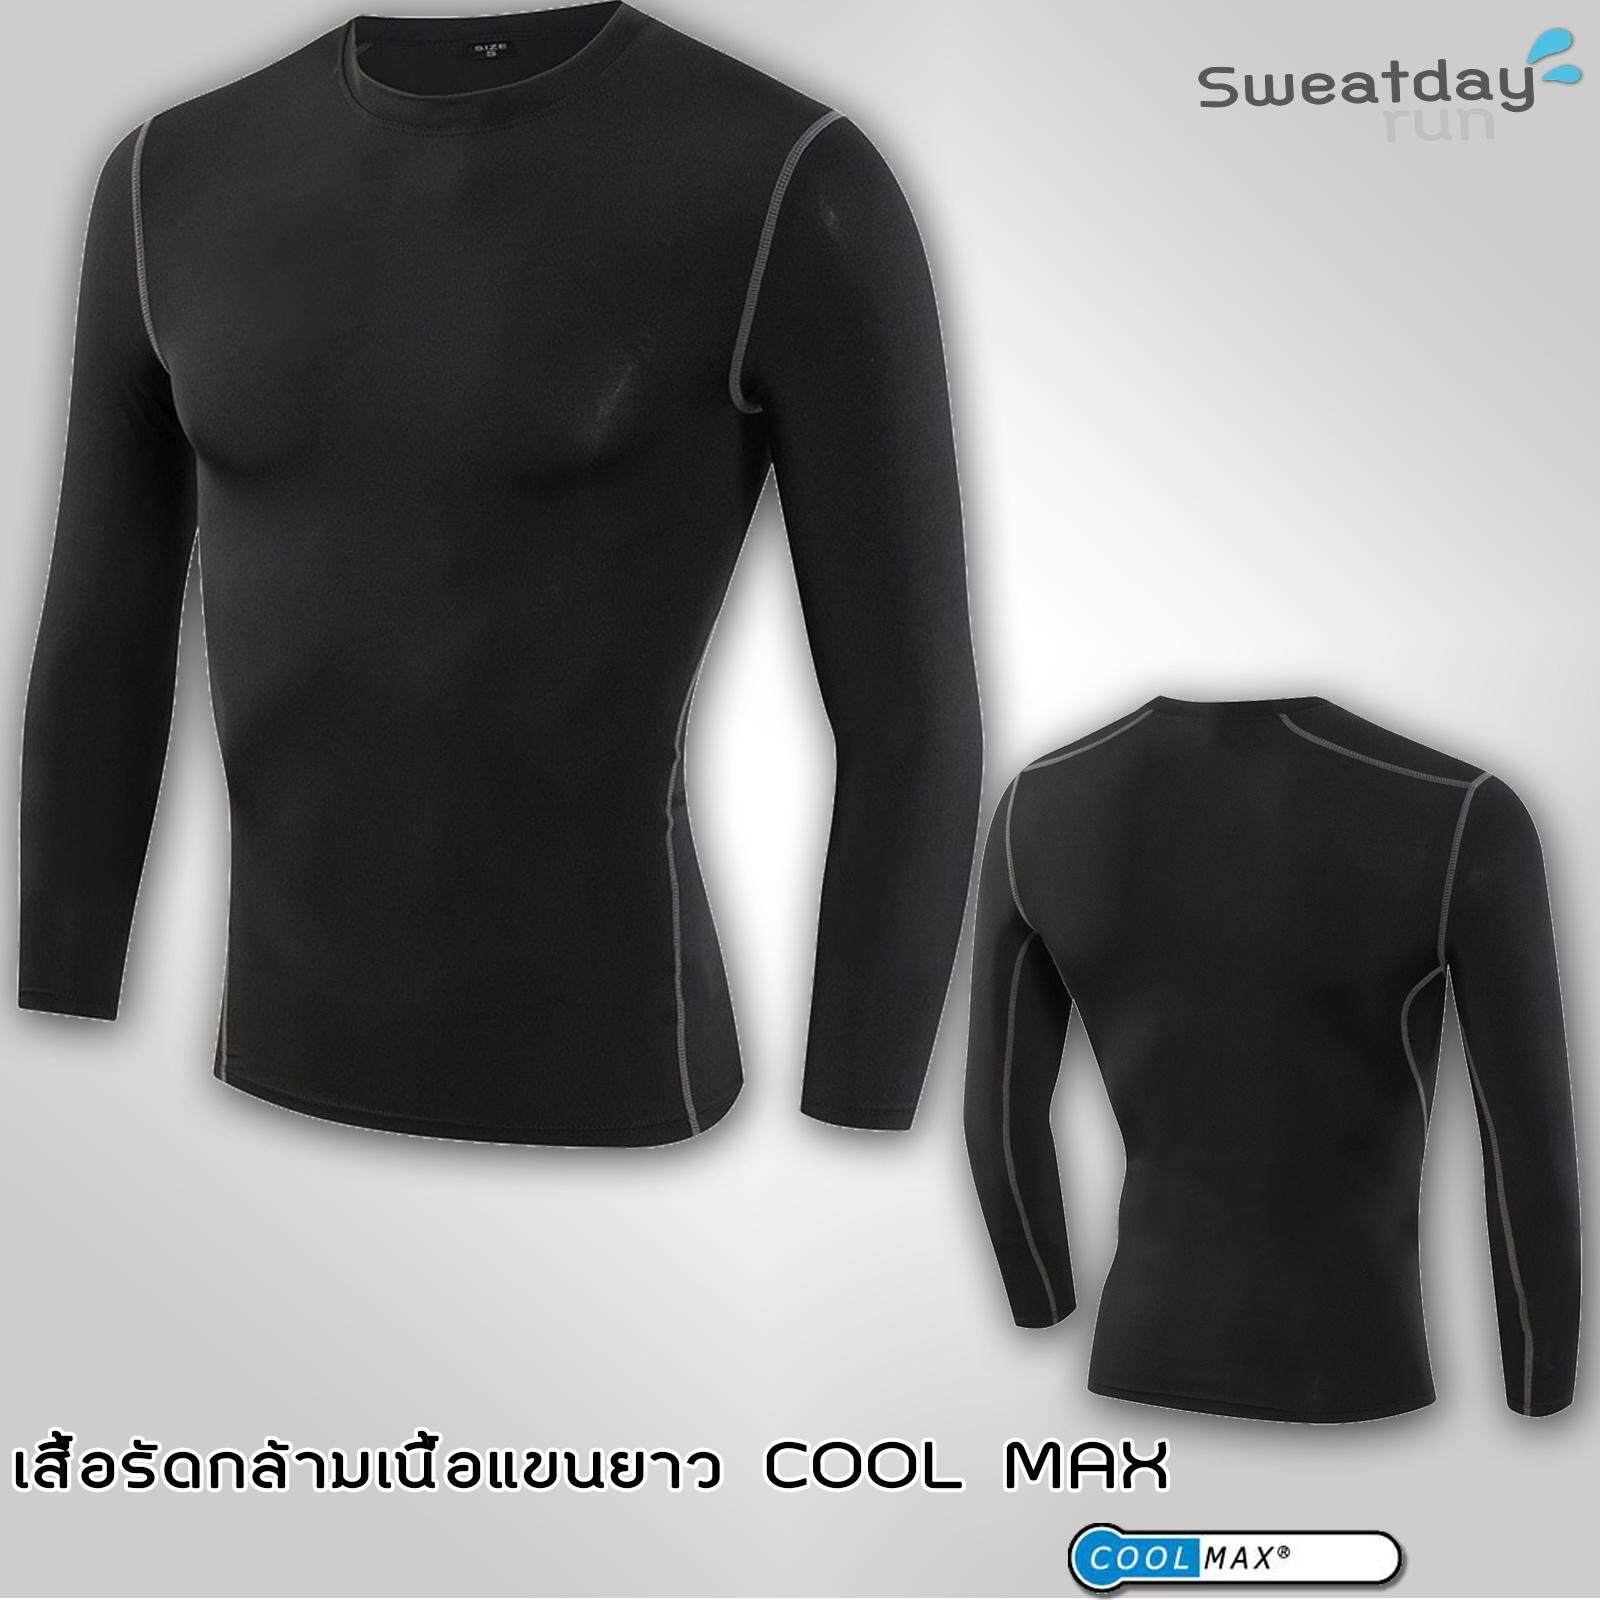 เสื้อ รัดกล้ามเนื้อ แขนยาว Coolmax By Sweatday.